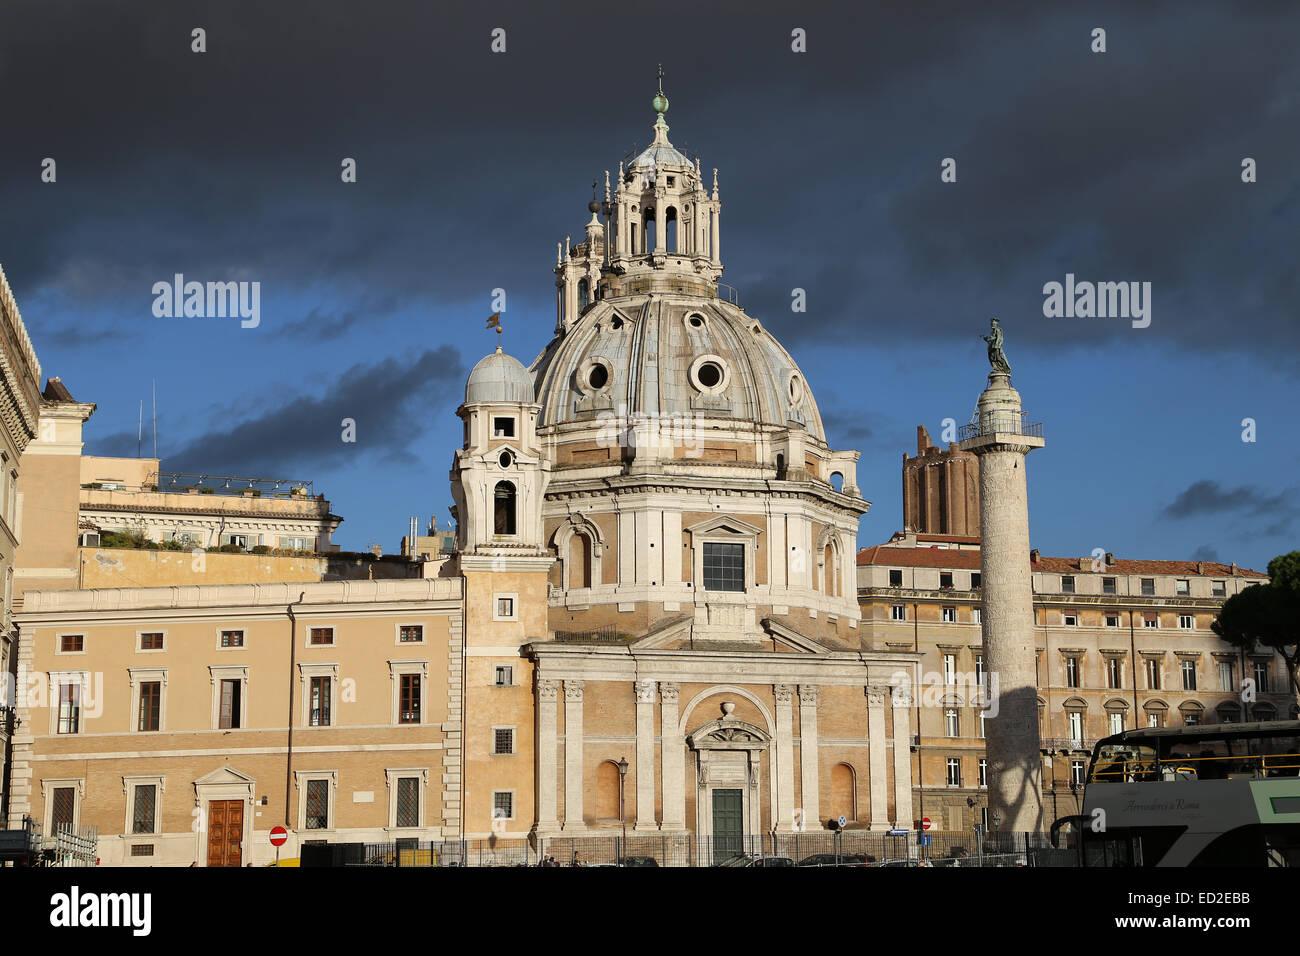 Italy. Rome. Trajan's Column and Church of Santa Maria di Loreto. 16th century. Designed by Antonio da Sangallo - Stock Image